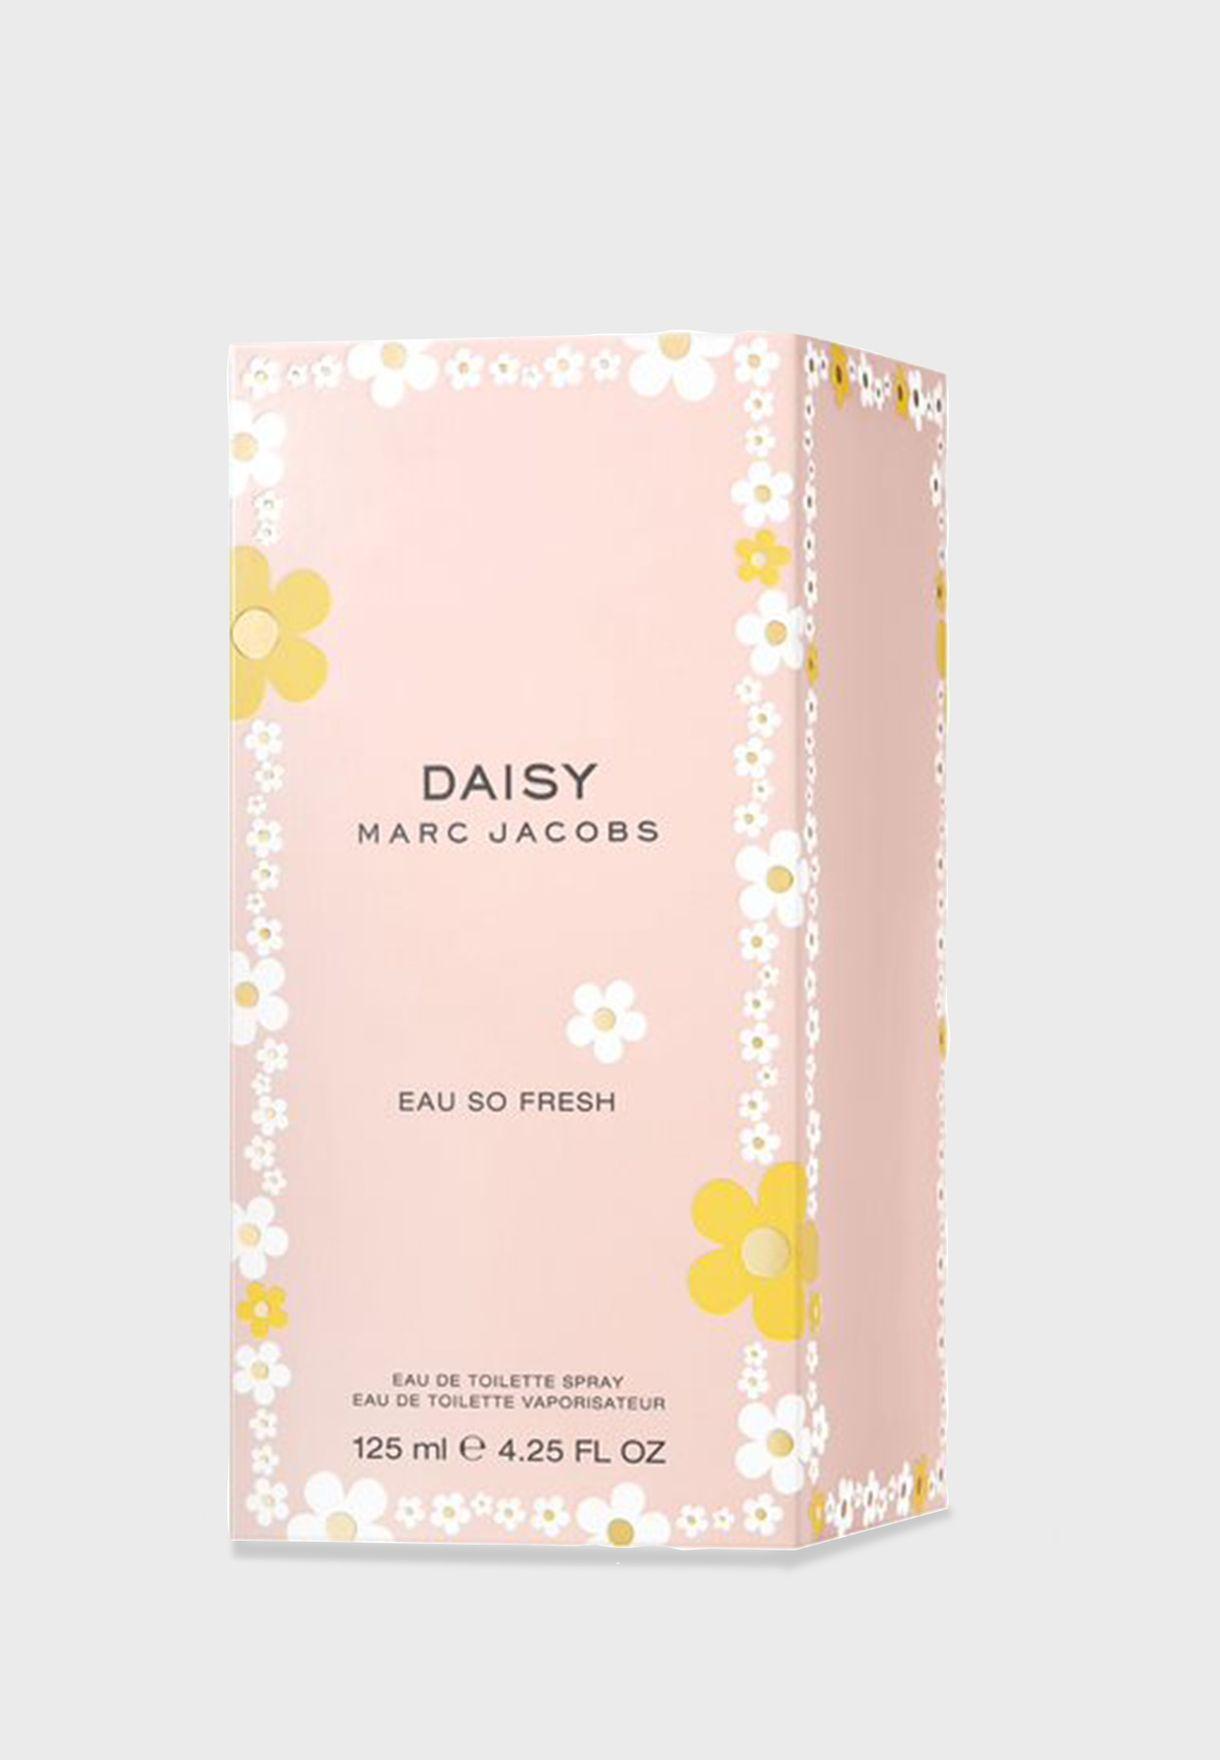 Daisy Eau So Fresh - 125Ml Edt